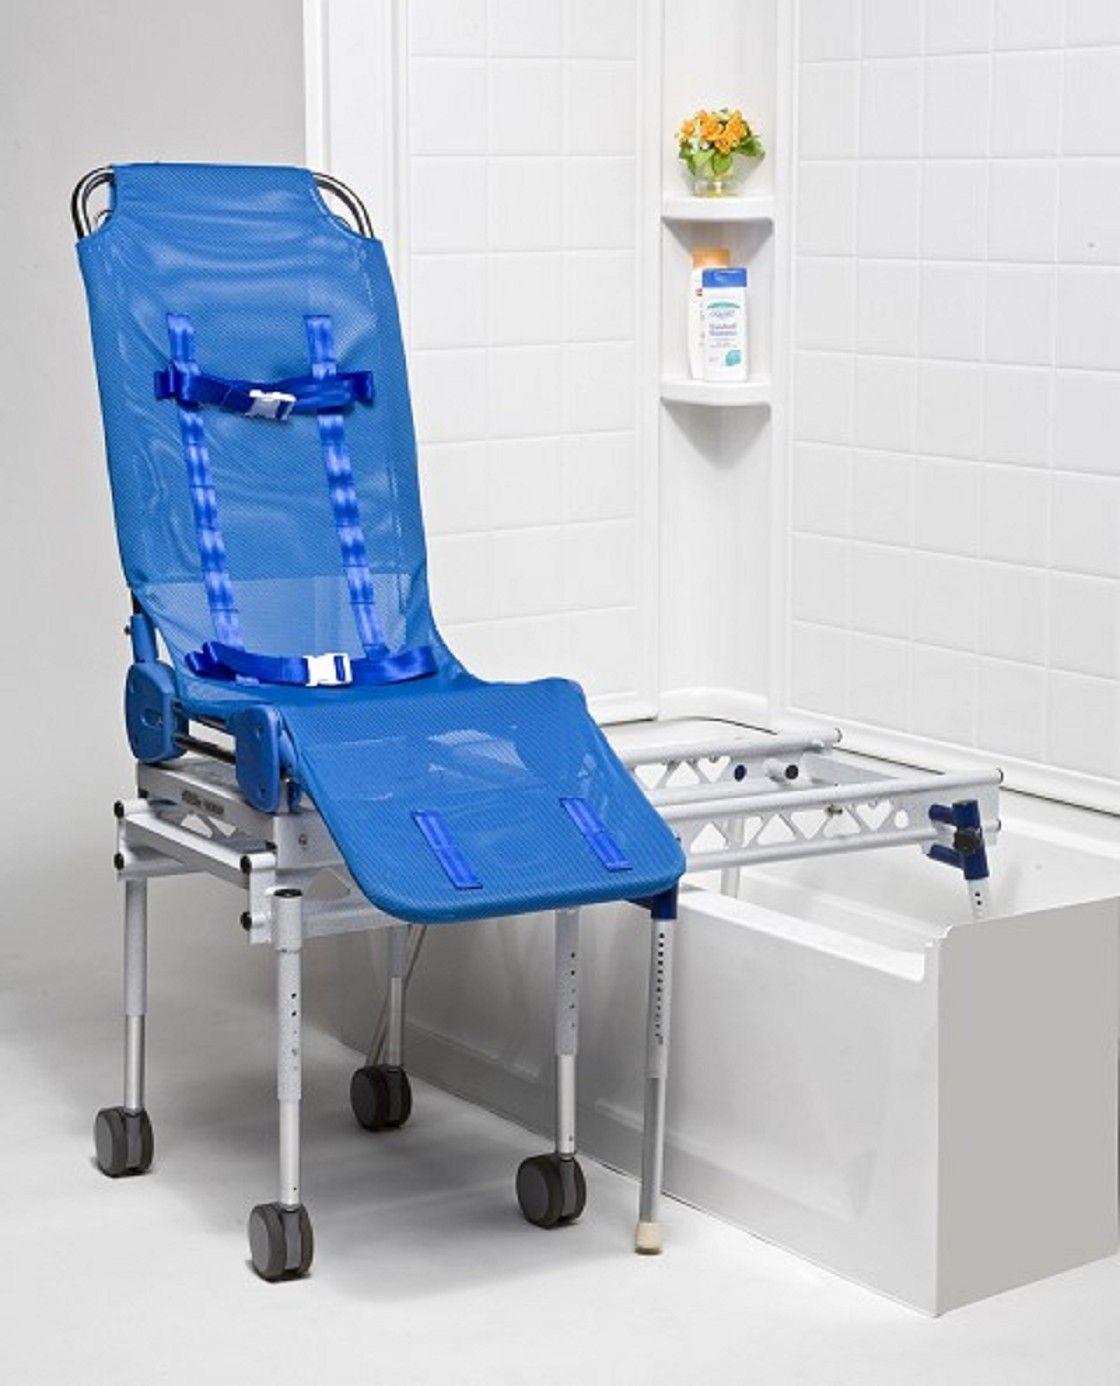 Baden Stuhl Für Behinderte (mit Bildern) Badewanne mit